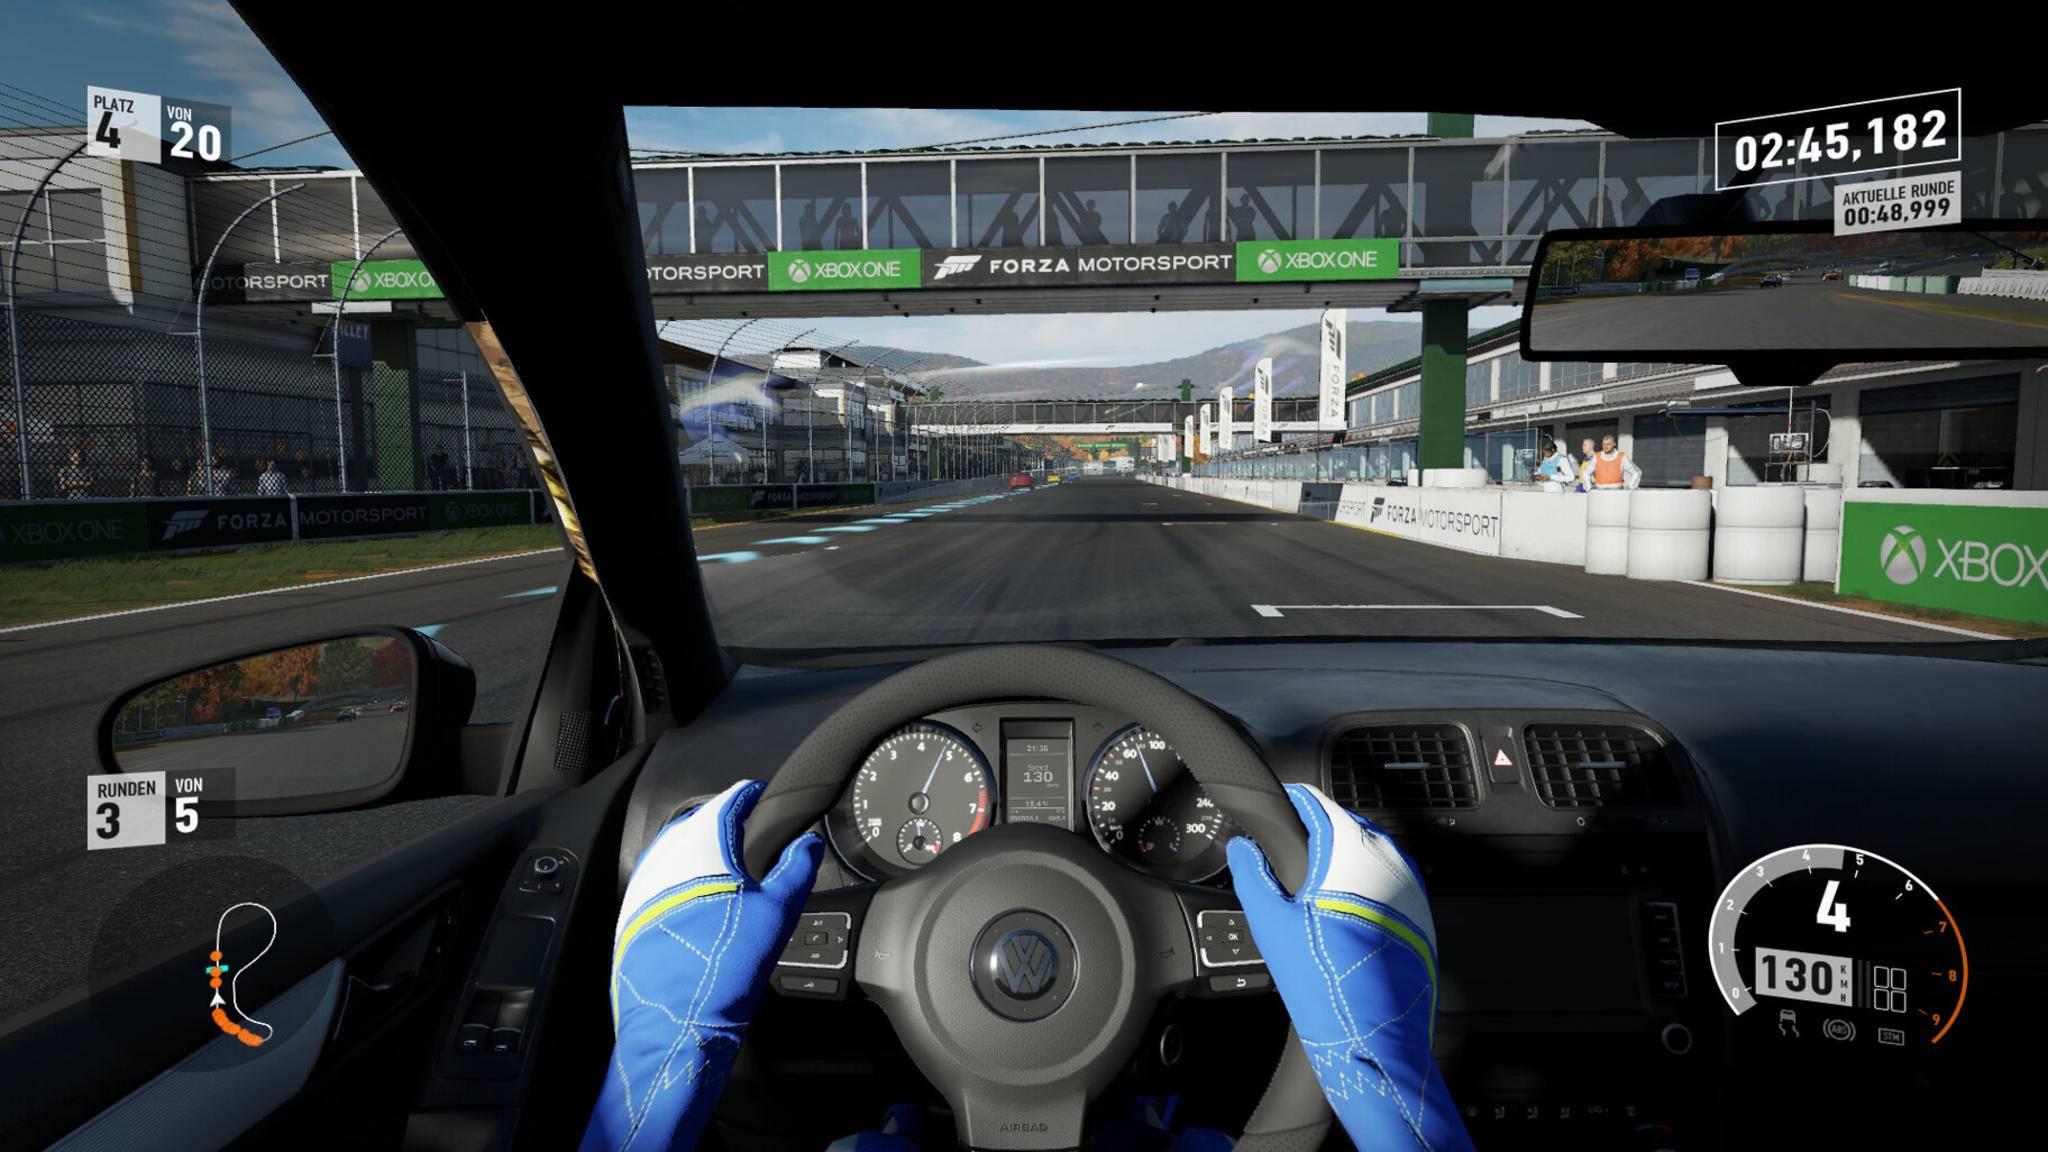 Du willst Dich wie im Rennwagen-Cockpit fühlen? Dann brauchst Du ein Lenkrad!